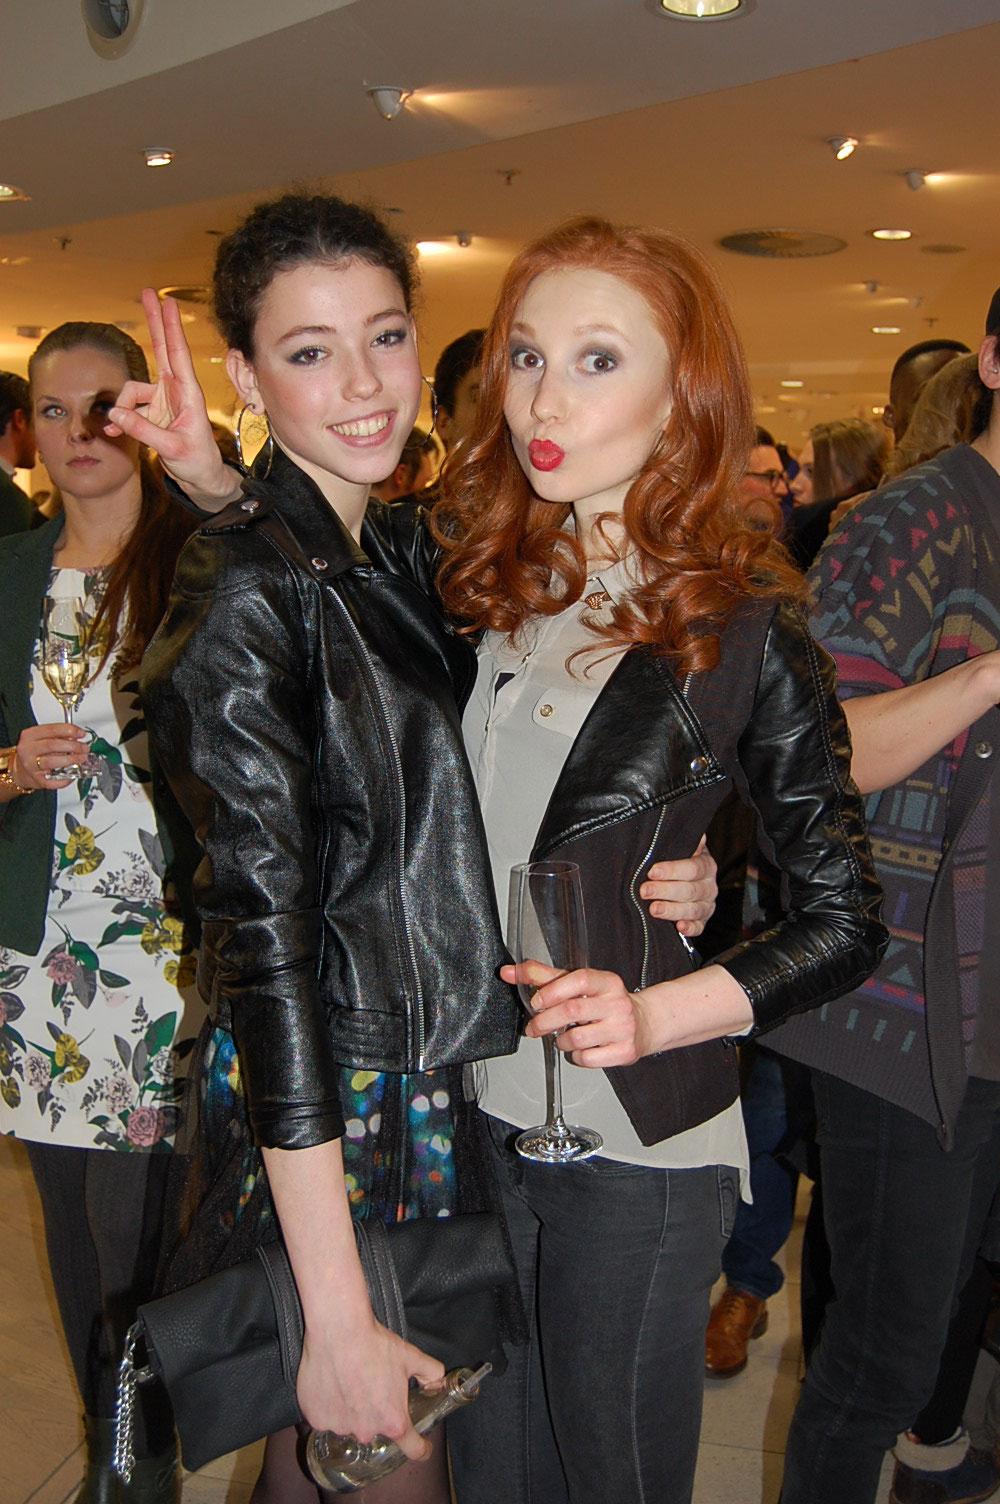 Models auf der Aftershow-Party - Biker-Jackets Trend